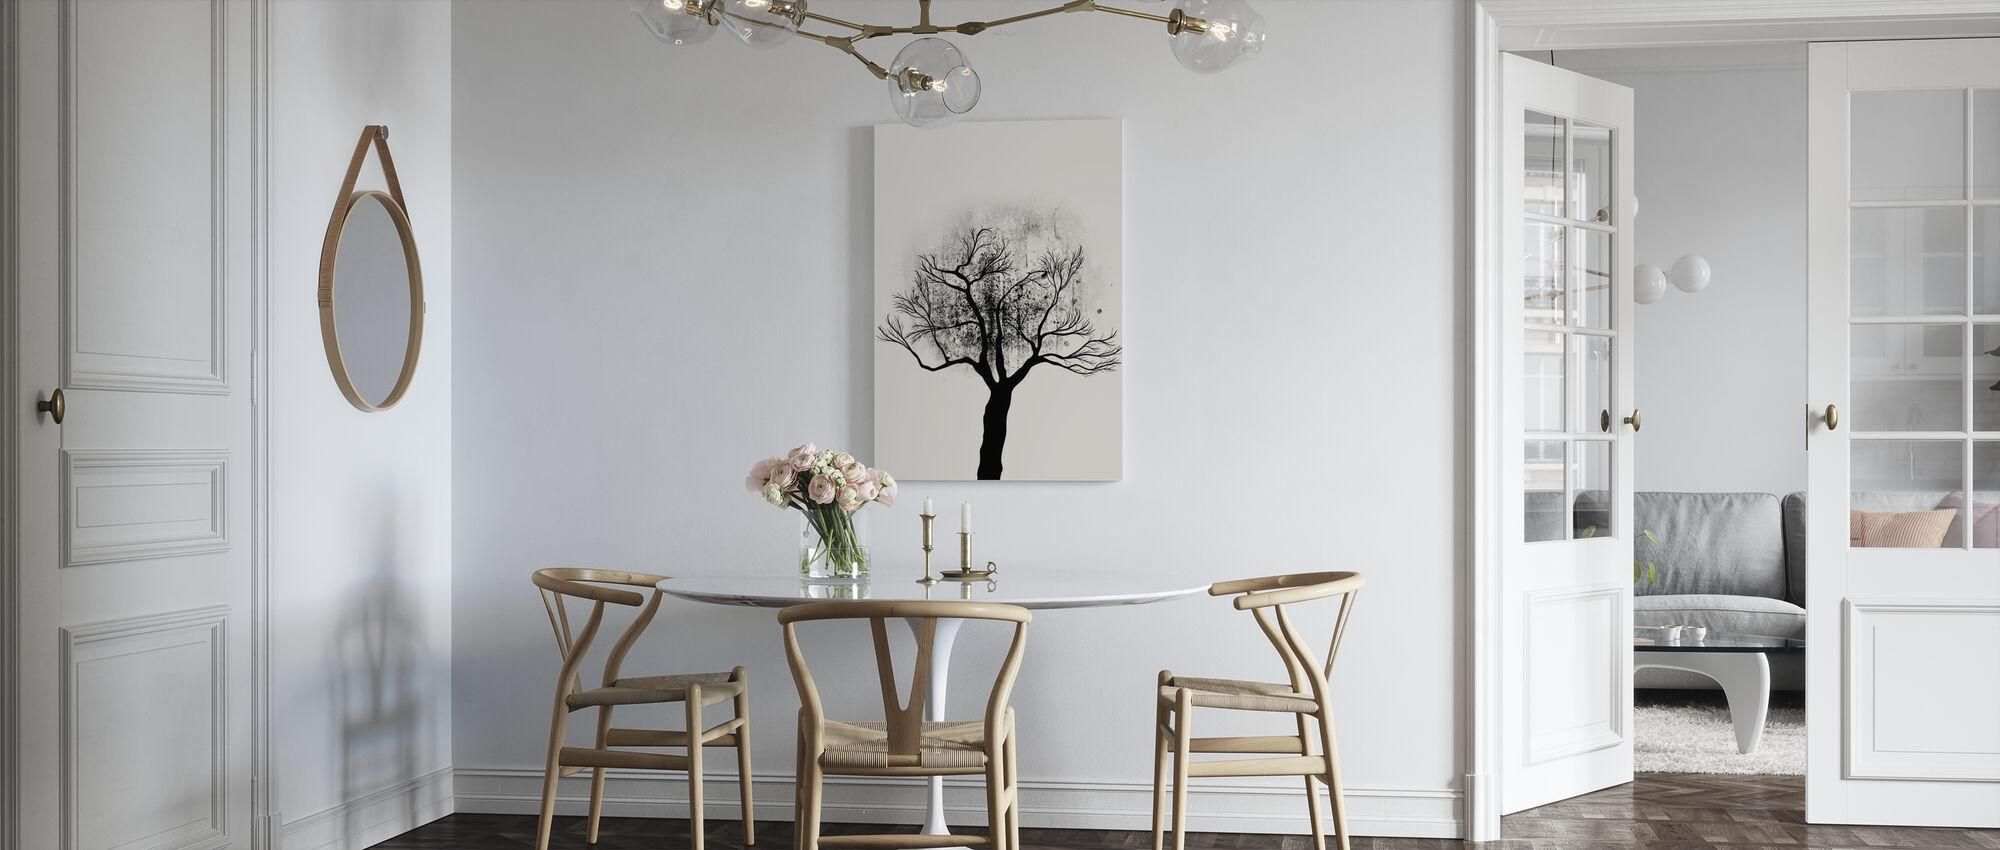 Badanie drzewa nr 5 - Obraz na płótnie - Kuchnia